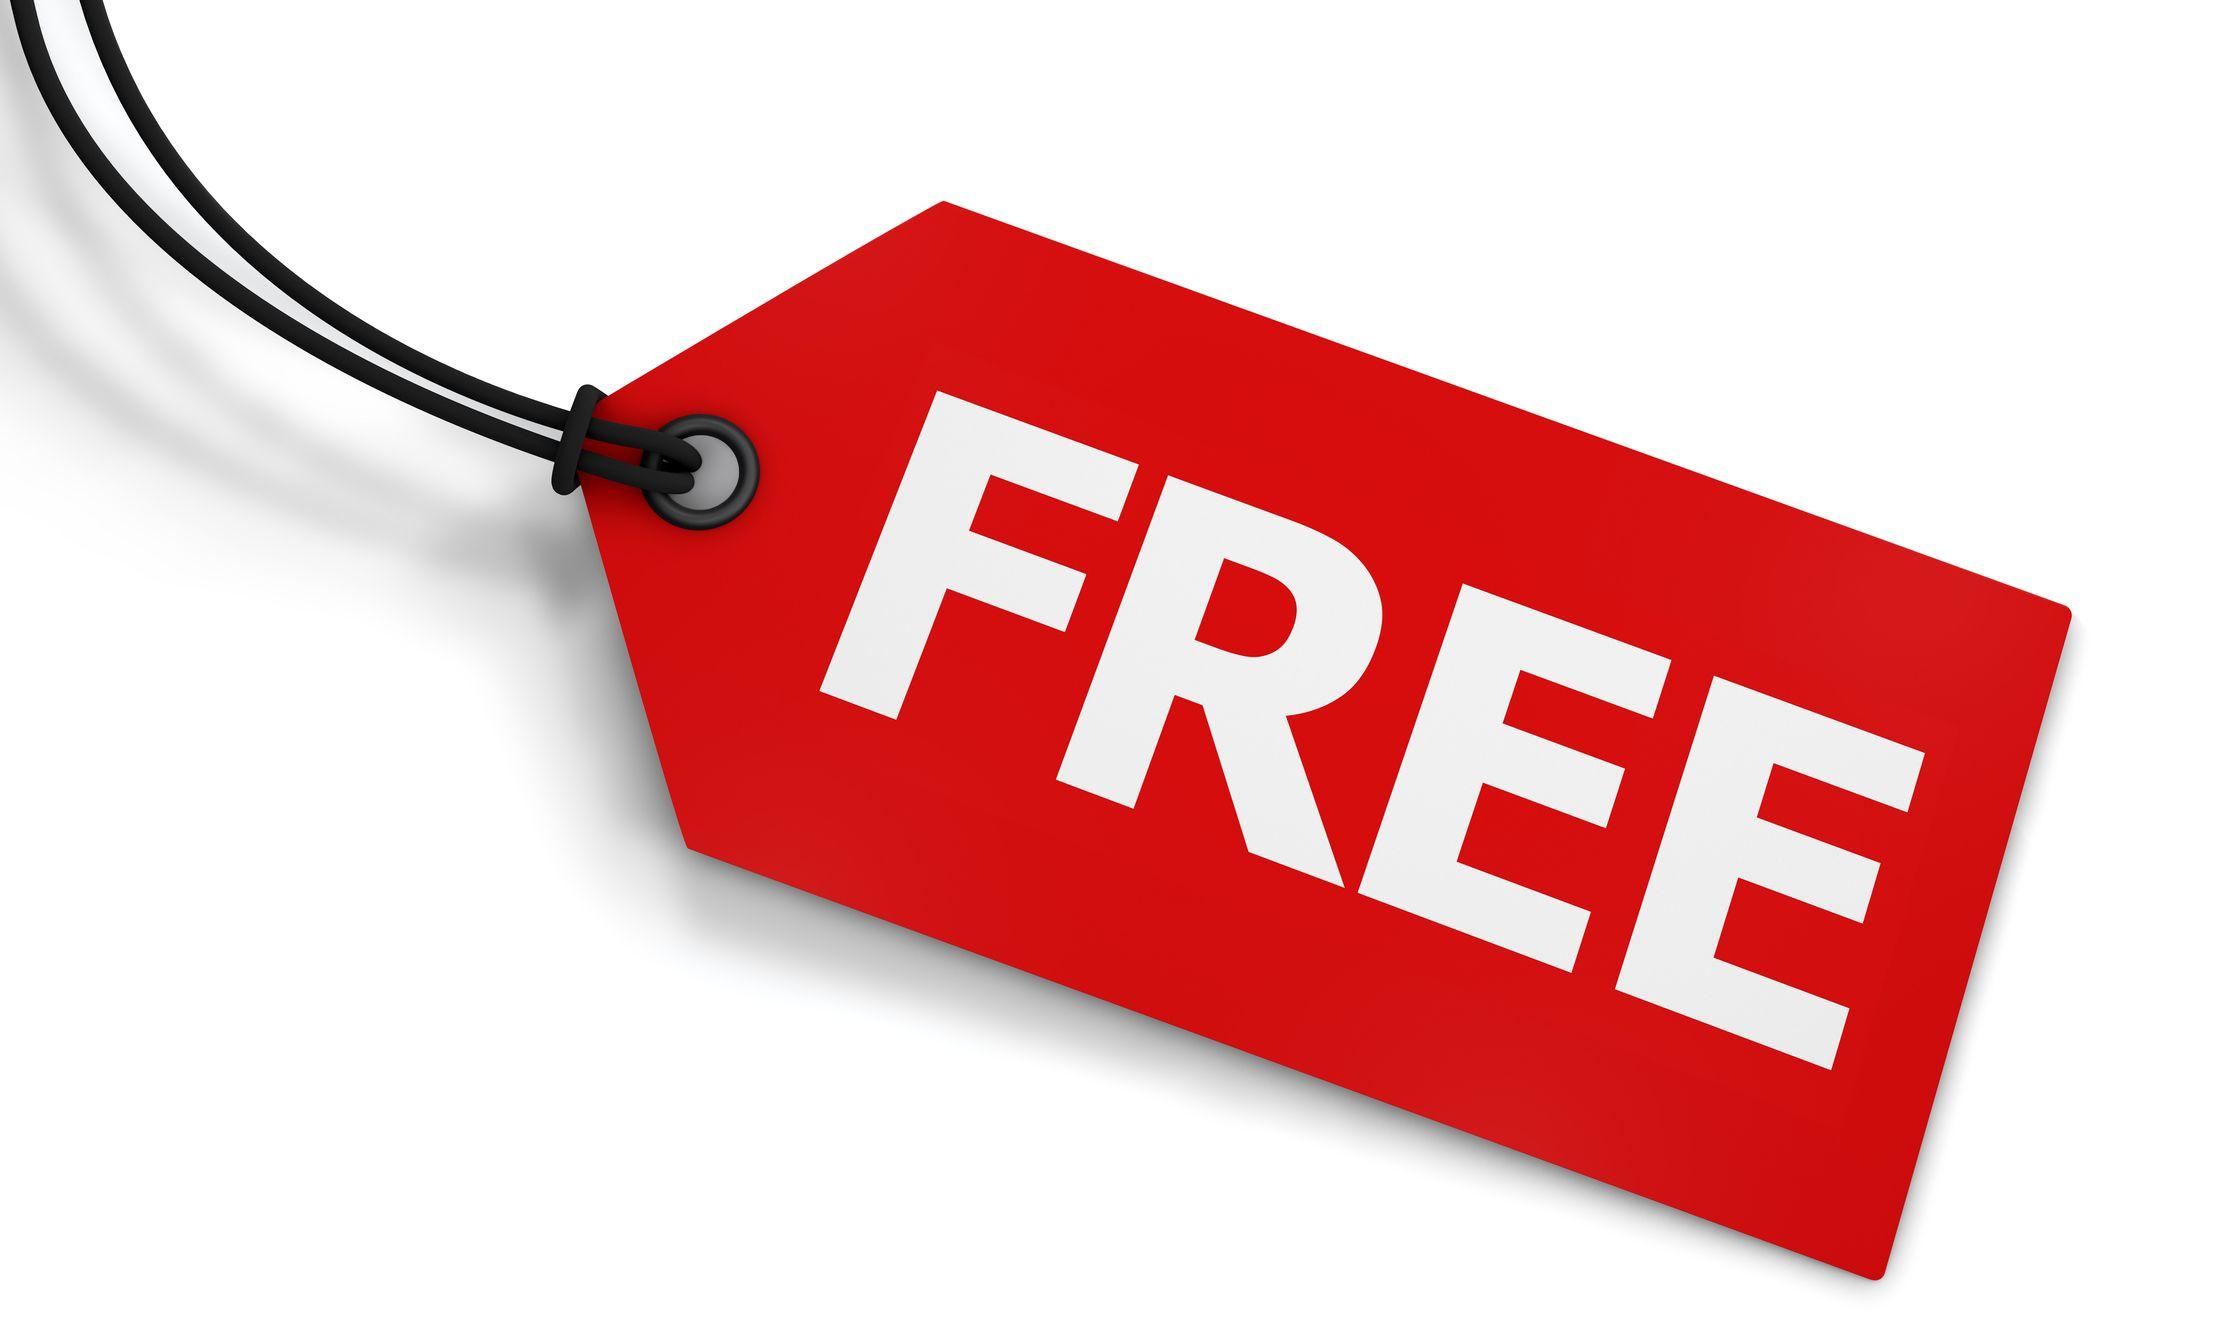 Free Price Tag